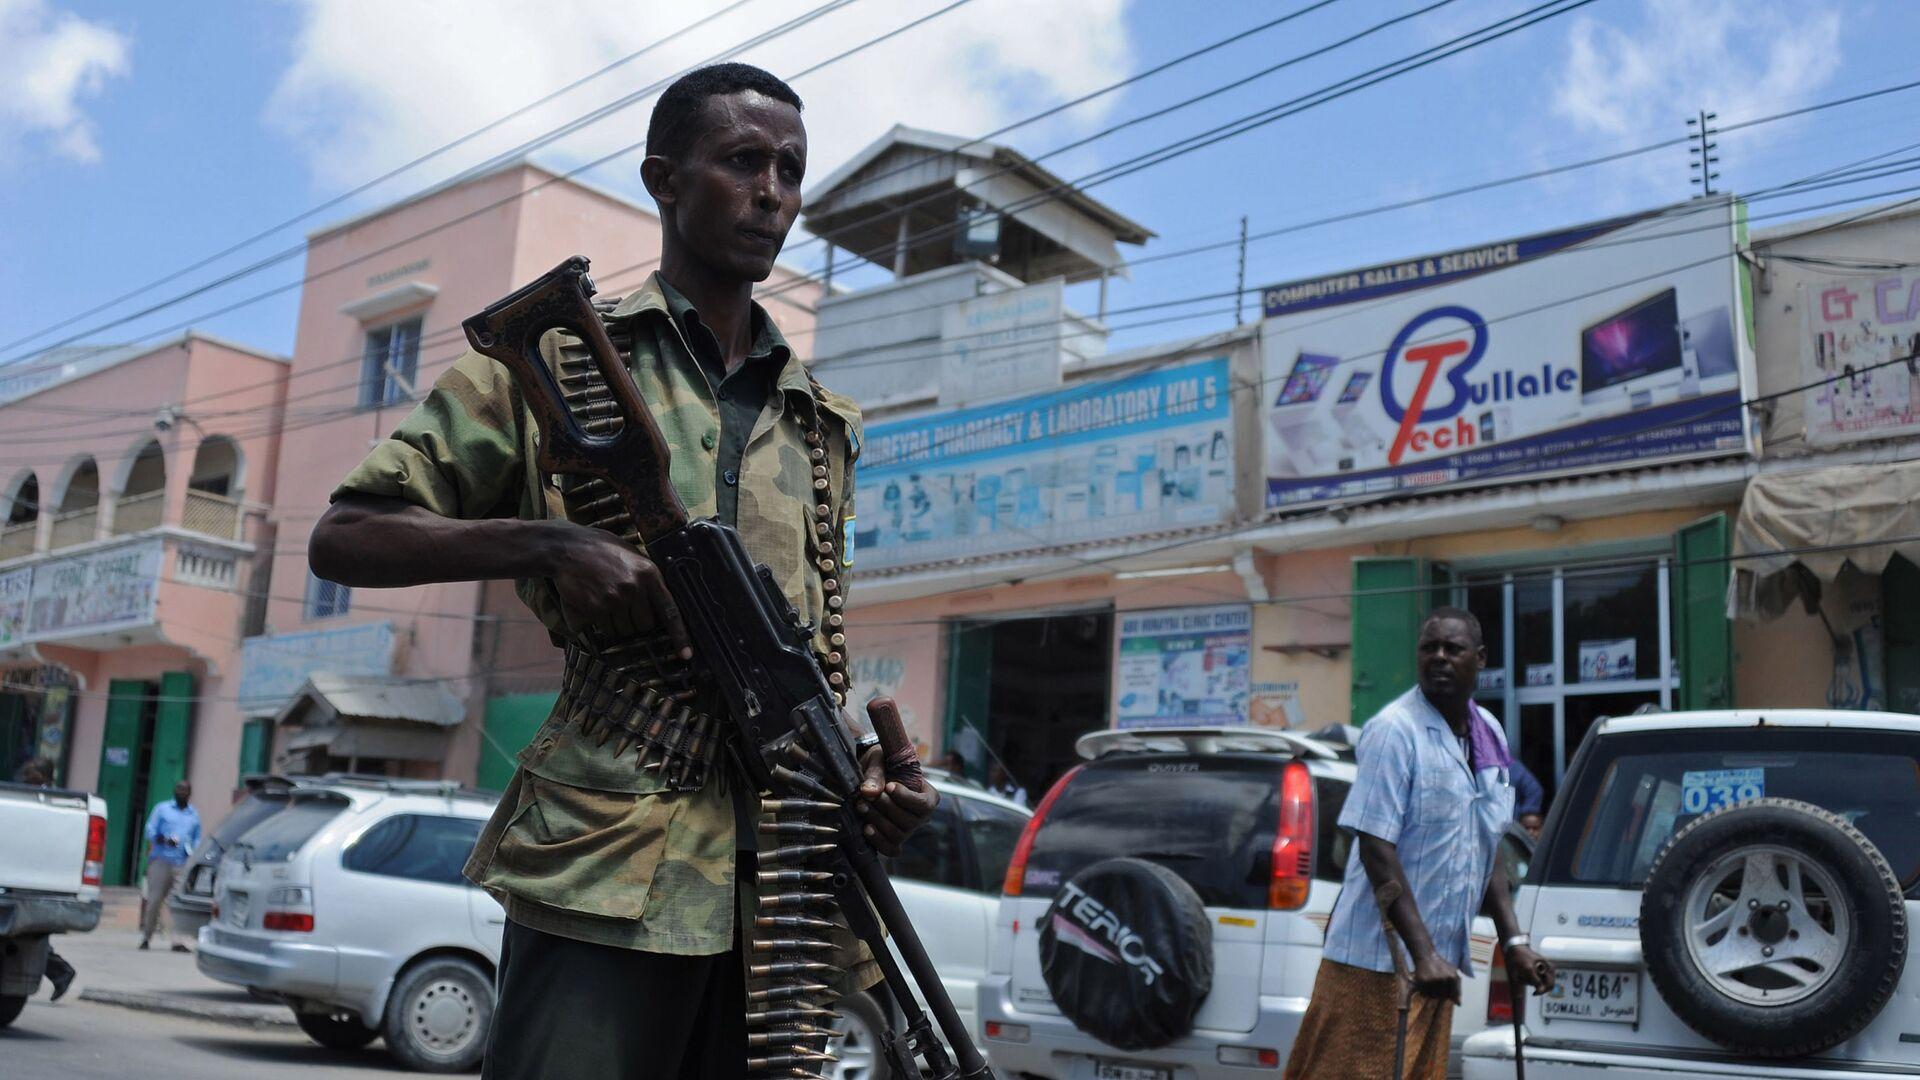 Síly federální somálské vlády hlídkují v ulicích Mogadišu - Sputnik Česká republika, 1920, 25.09.2021